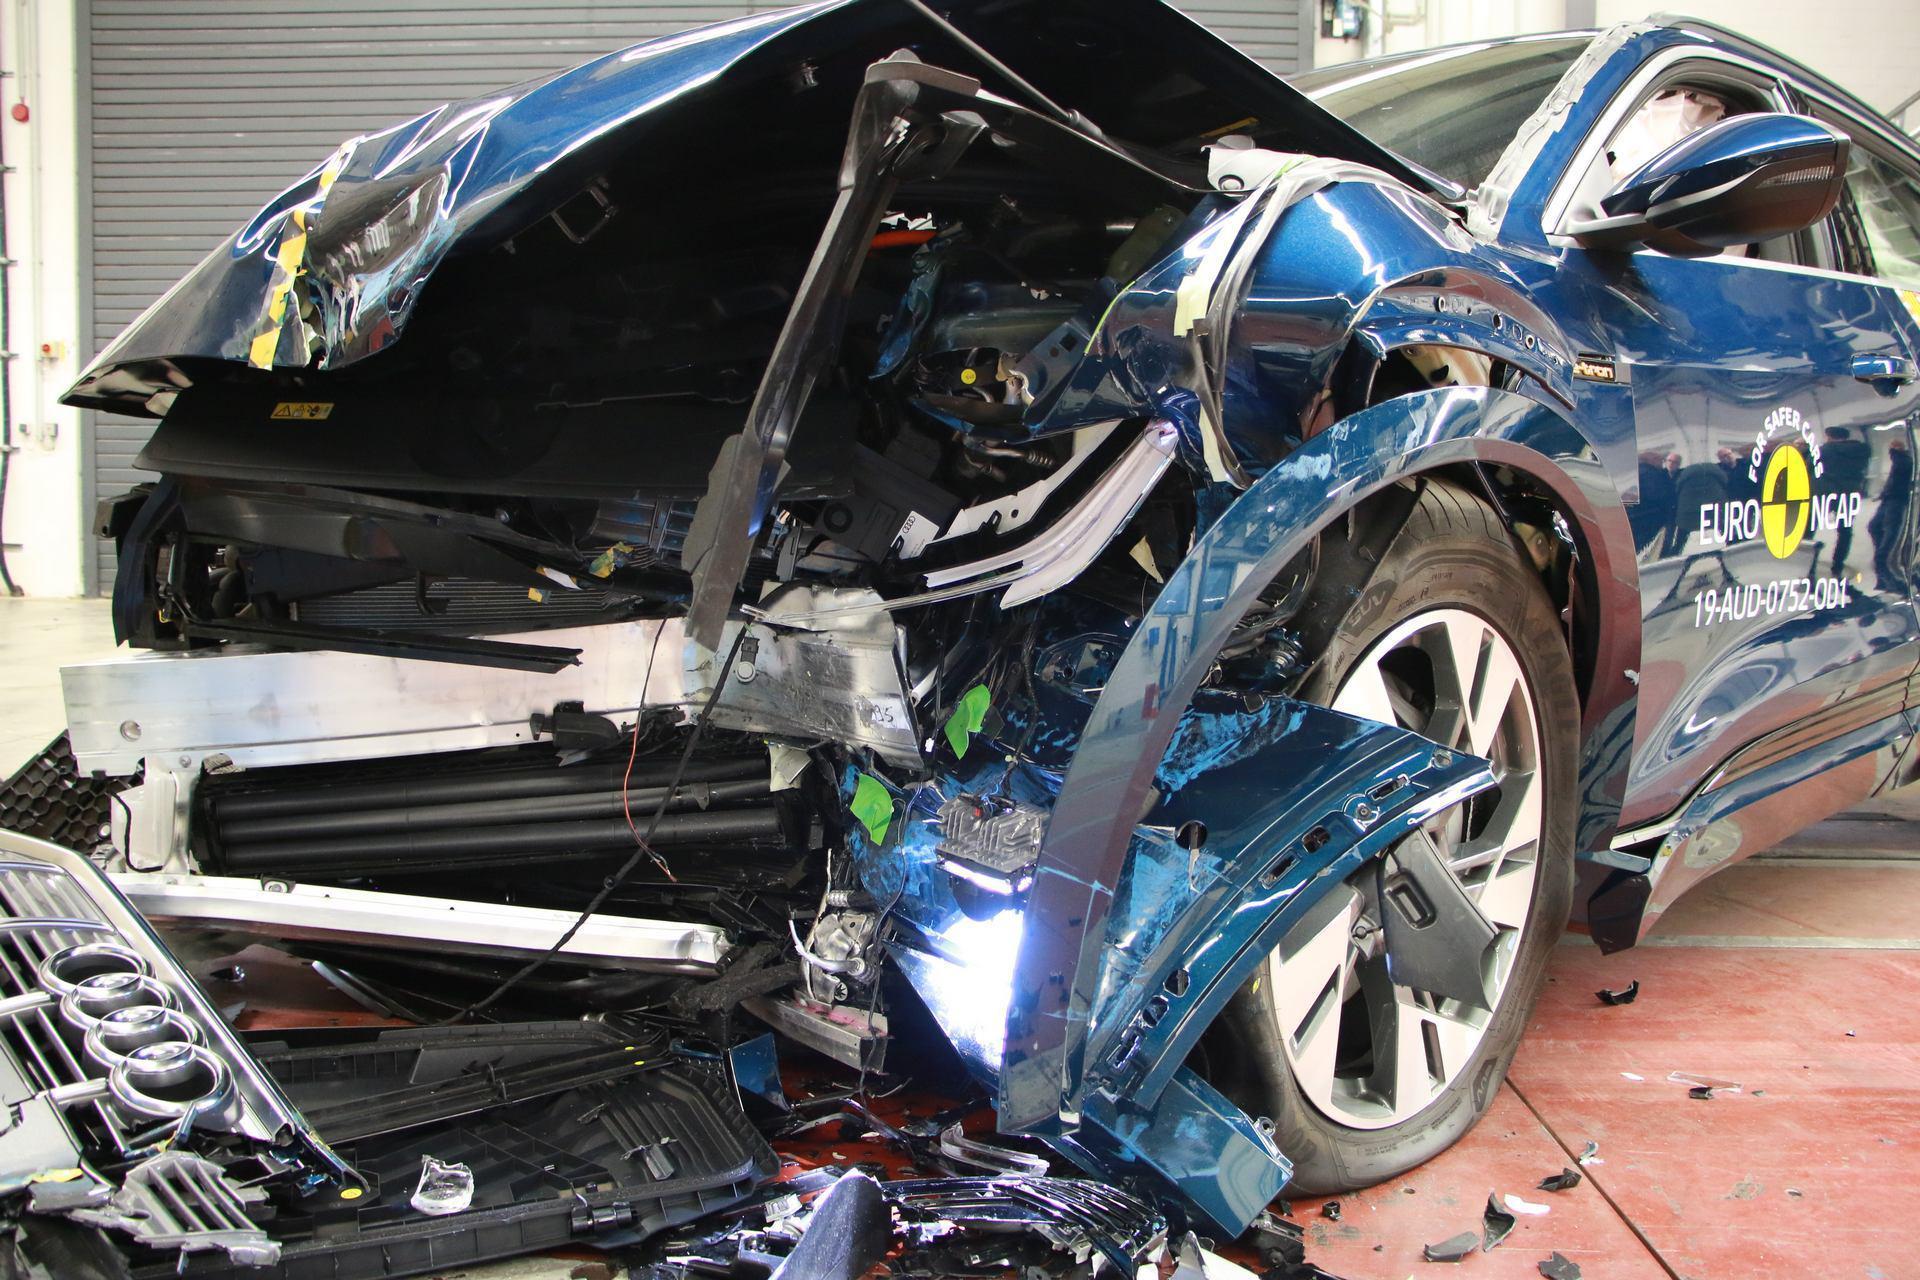 奥迪e-tron 获Euro NCAP测试五星 电动车获此殊荣难能可贵